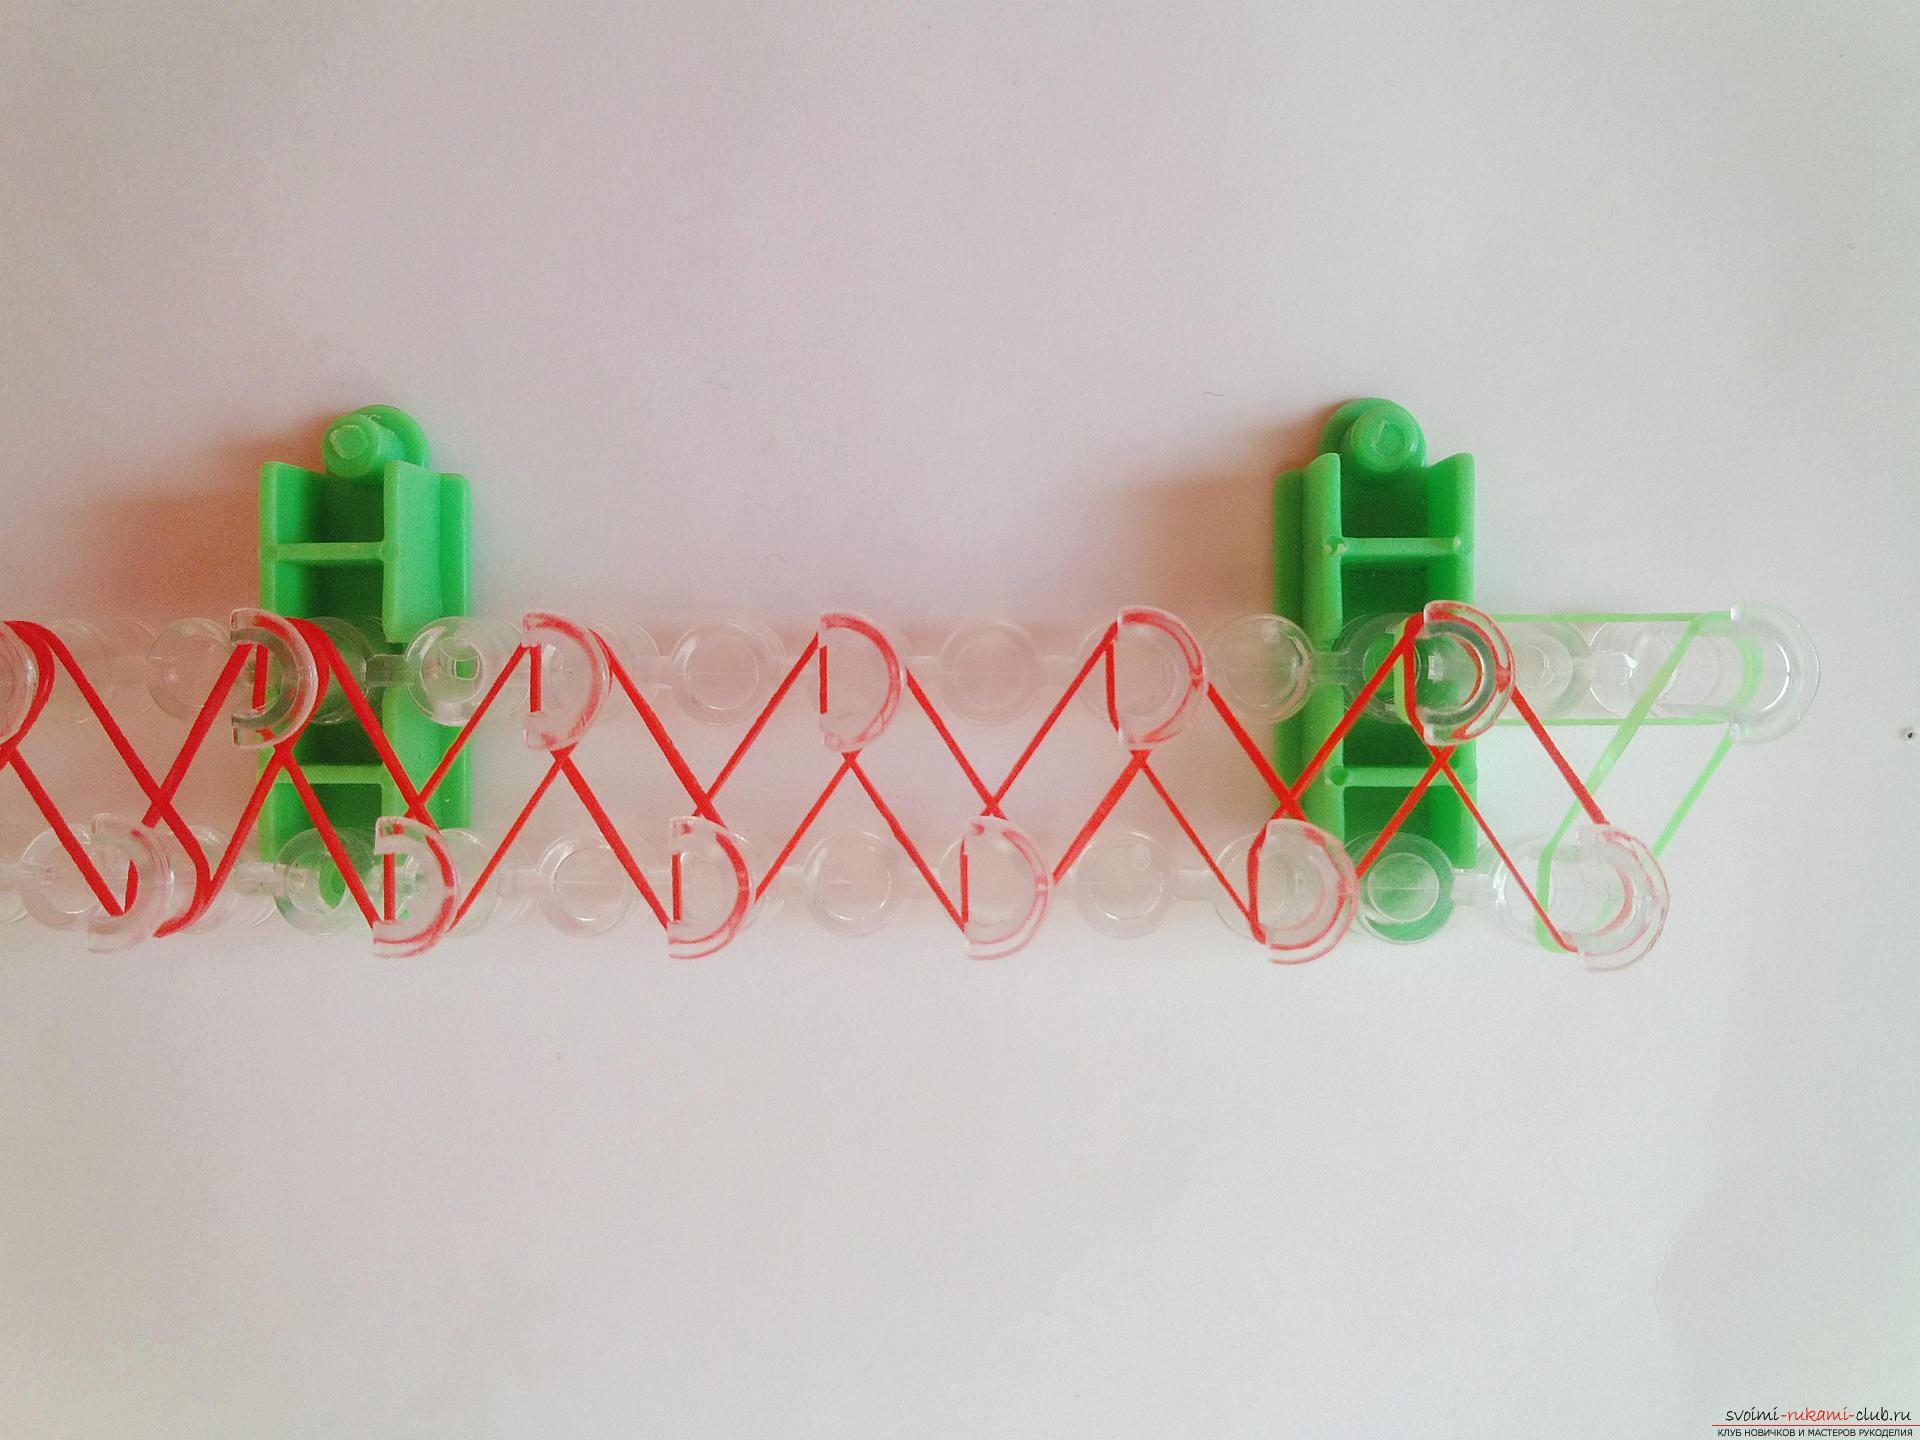 Этот мастер-класс подробно описывает и показывает на фото как плести браслеты из резинок на станке.. Фото №3